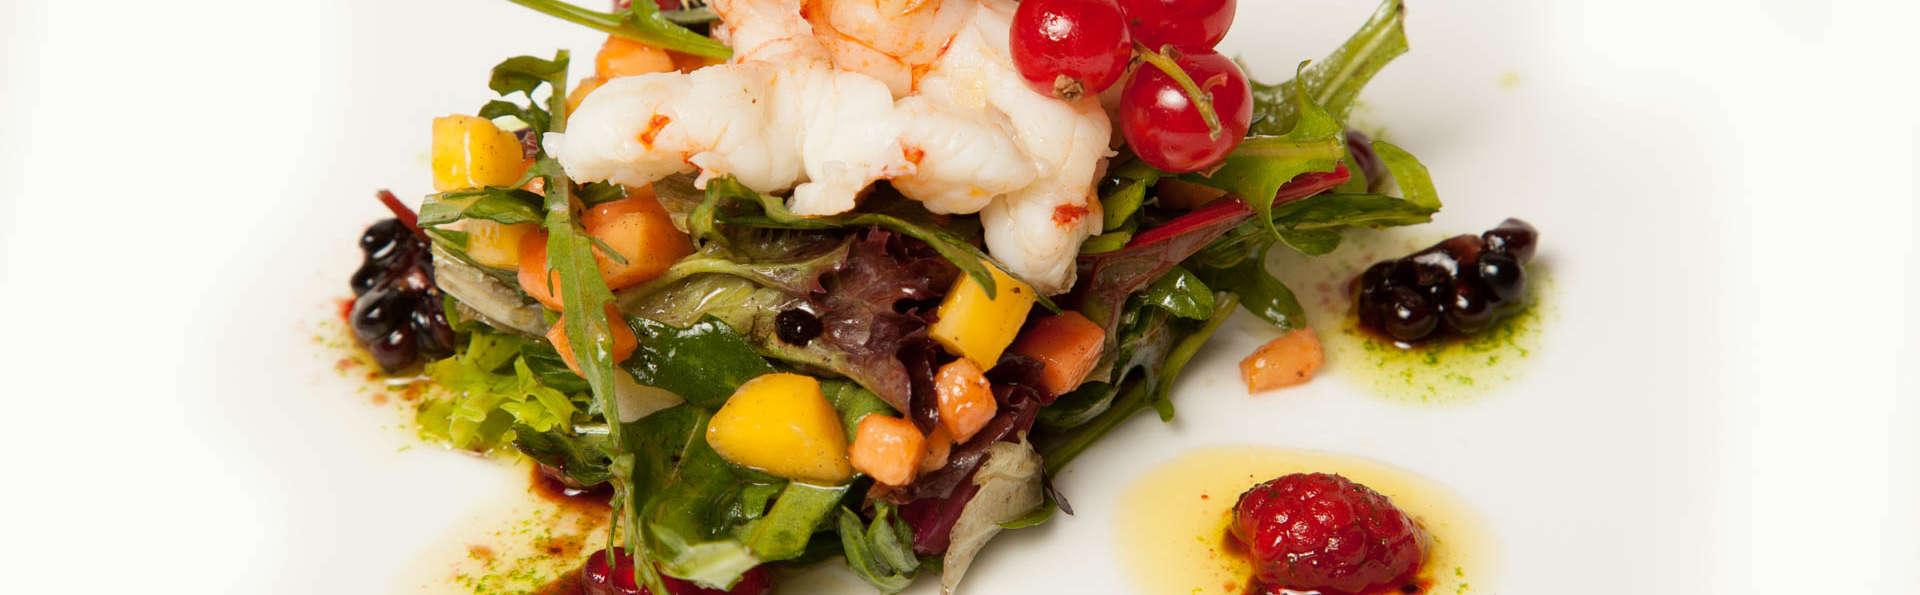 Escapade Gourmande : Menu gastronomique avec boissons incluses et spa dans la vallée de Camprodón